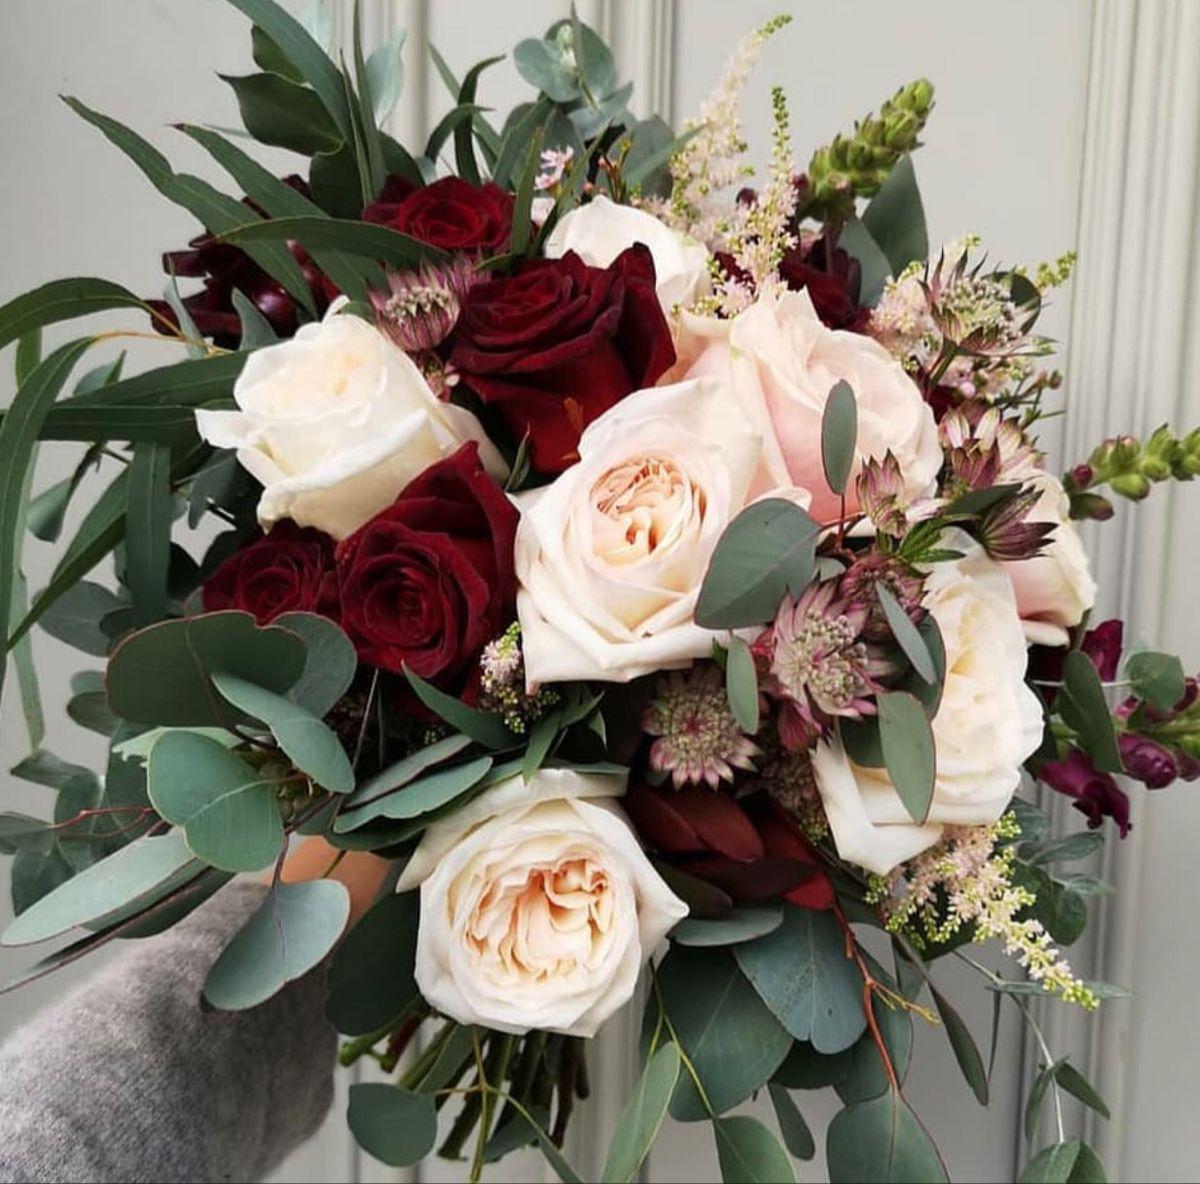 Burgundy Flowers In 2020 Online Wedding Flowers Burgundy Wedding Flowers Burgundy Flowers